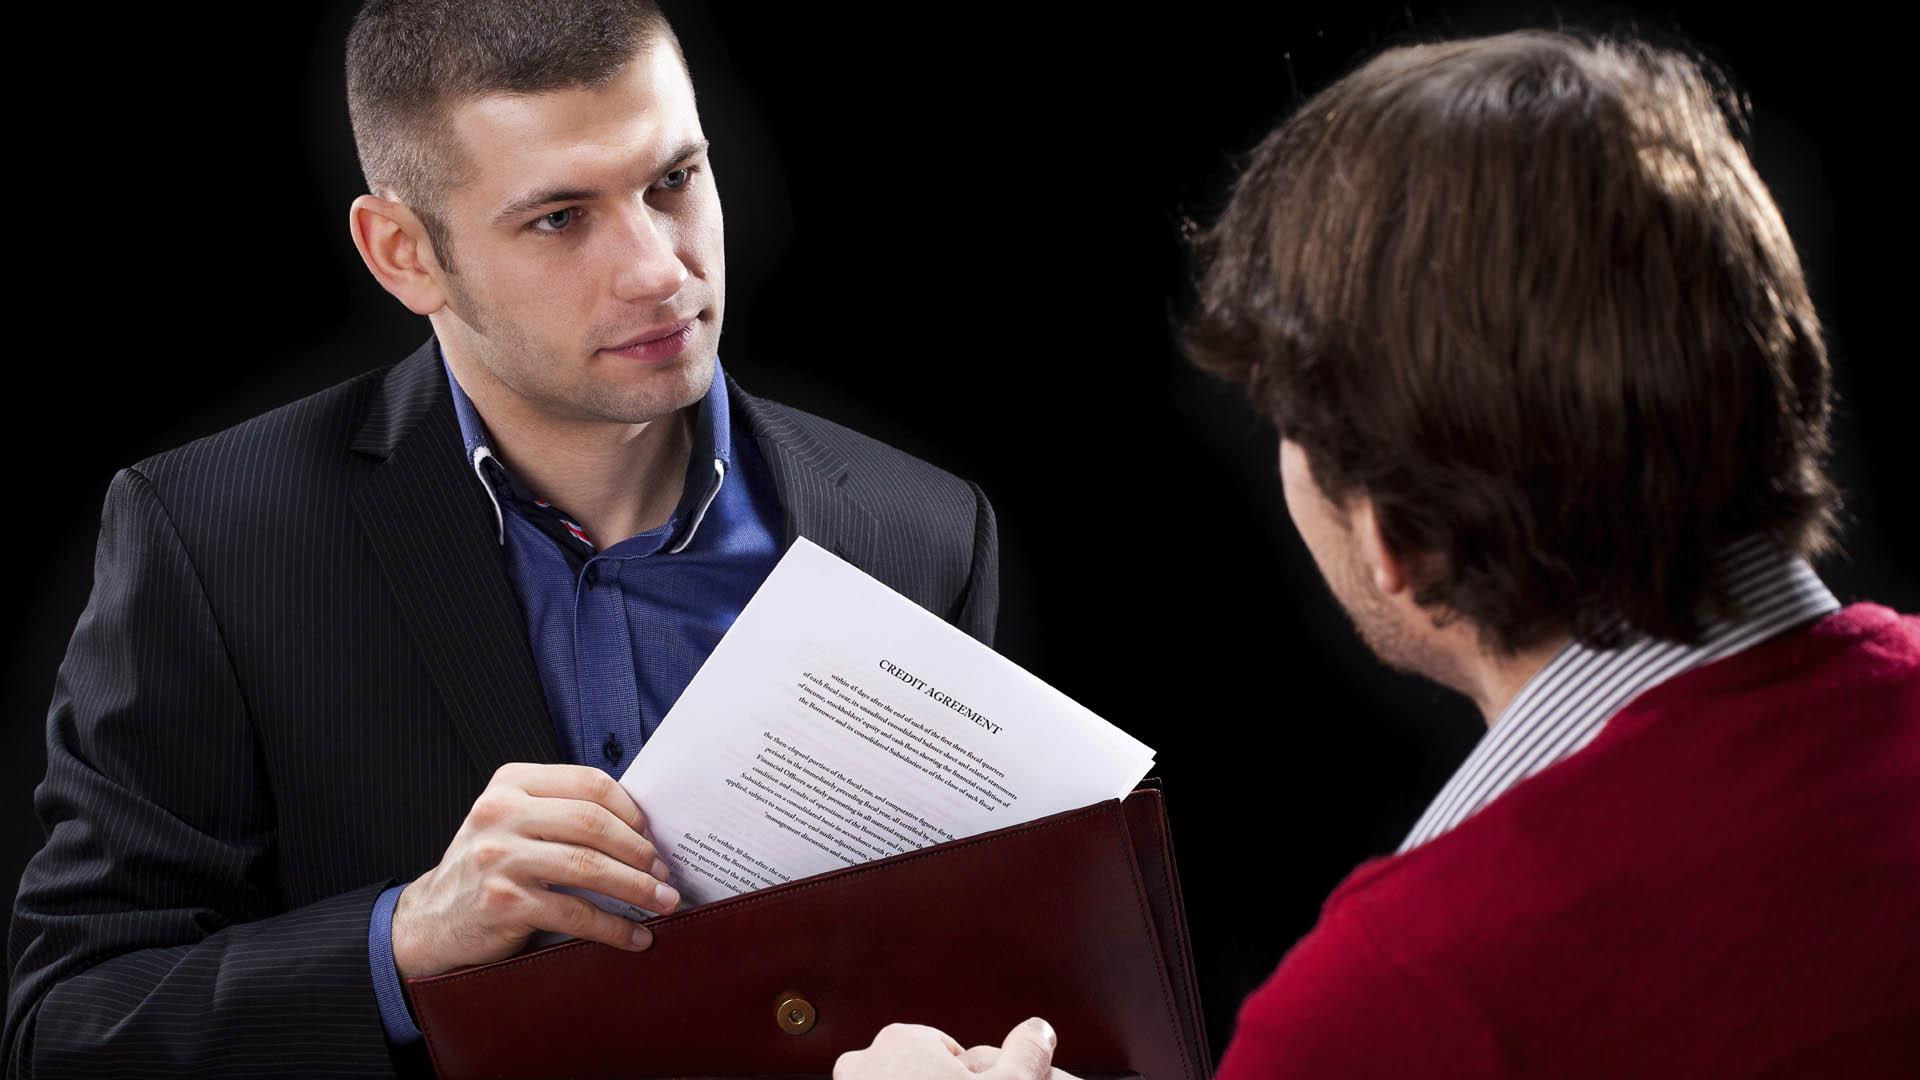 Con frecuencia el usuario de un seguro es quien pone sobre la mesa procedimientos ilegales